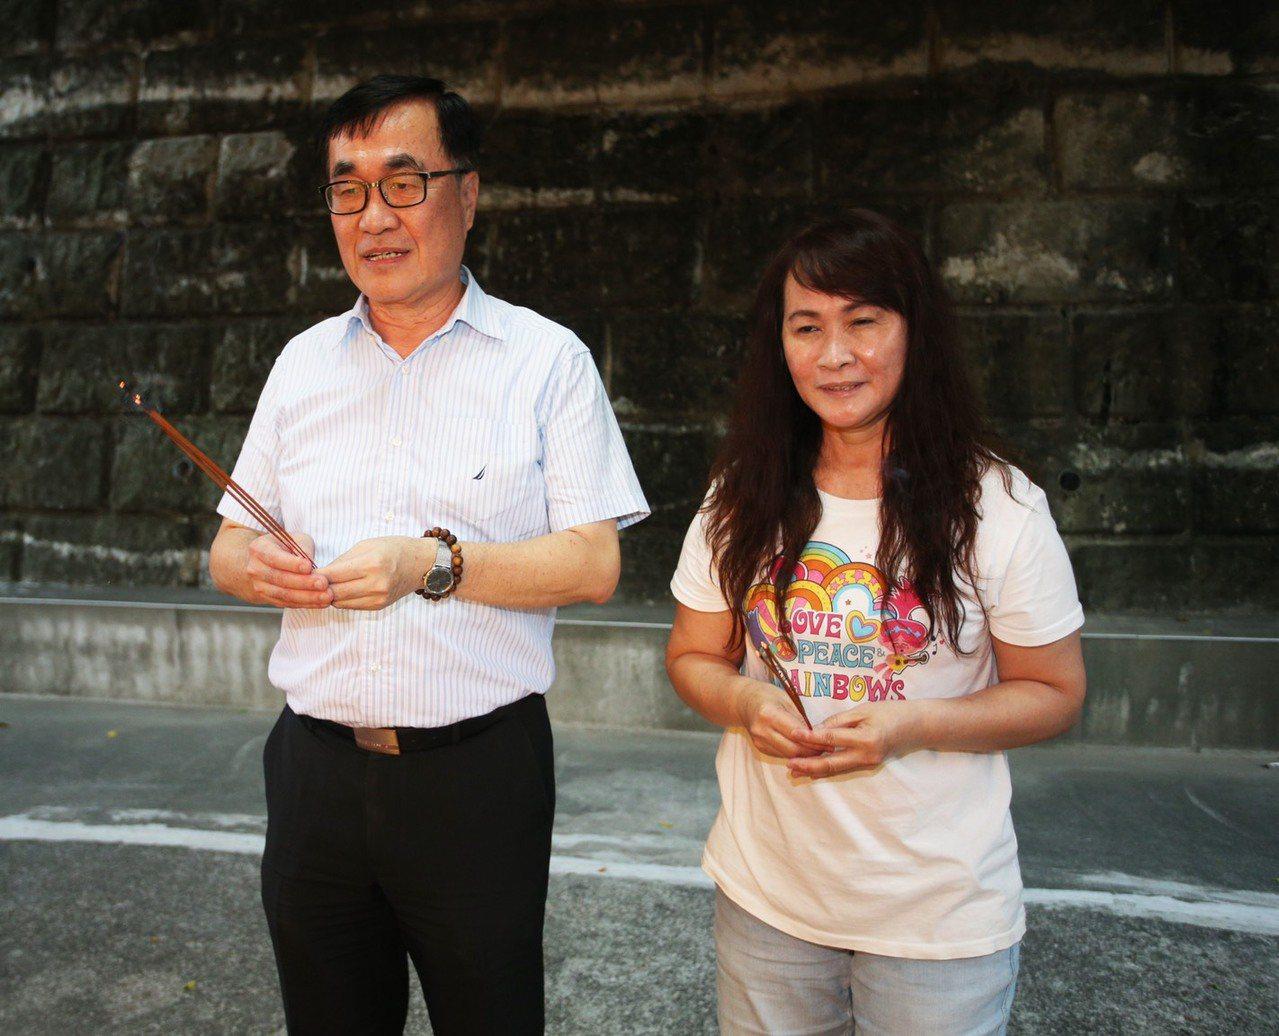 國民黨總統參選人韓國瑜今晚到小琉球,高雄市副市長李四川早一步先回到小琉球老家祭拜...